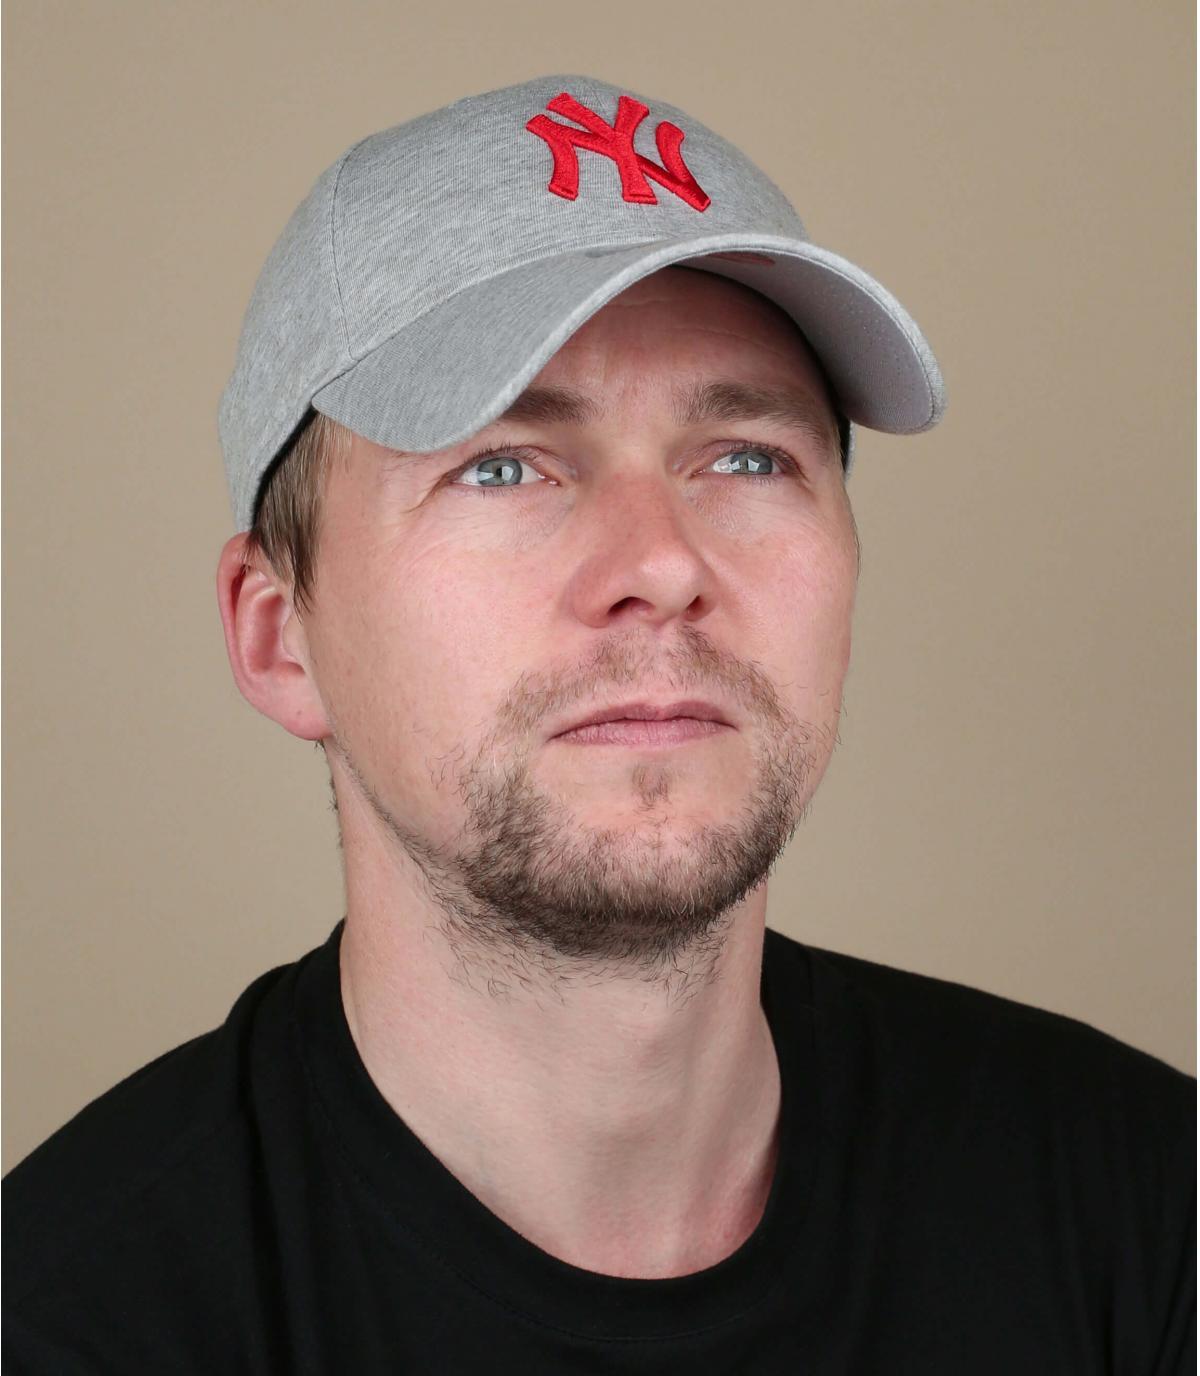 berretto NY rosso grigio